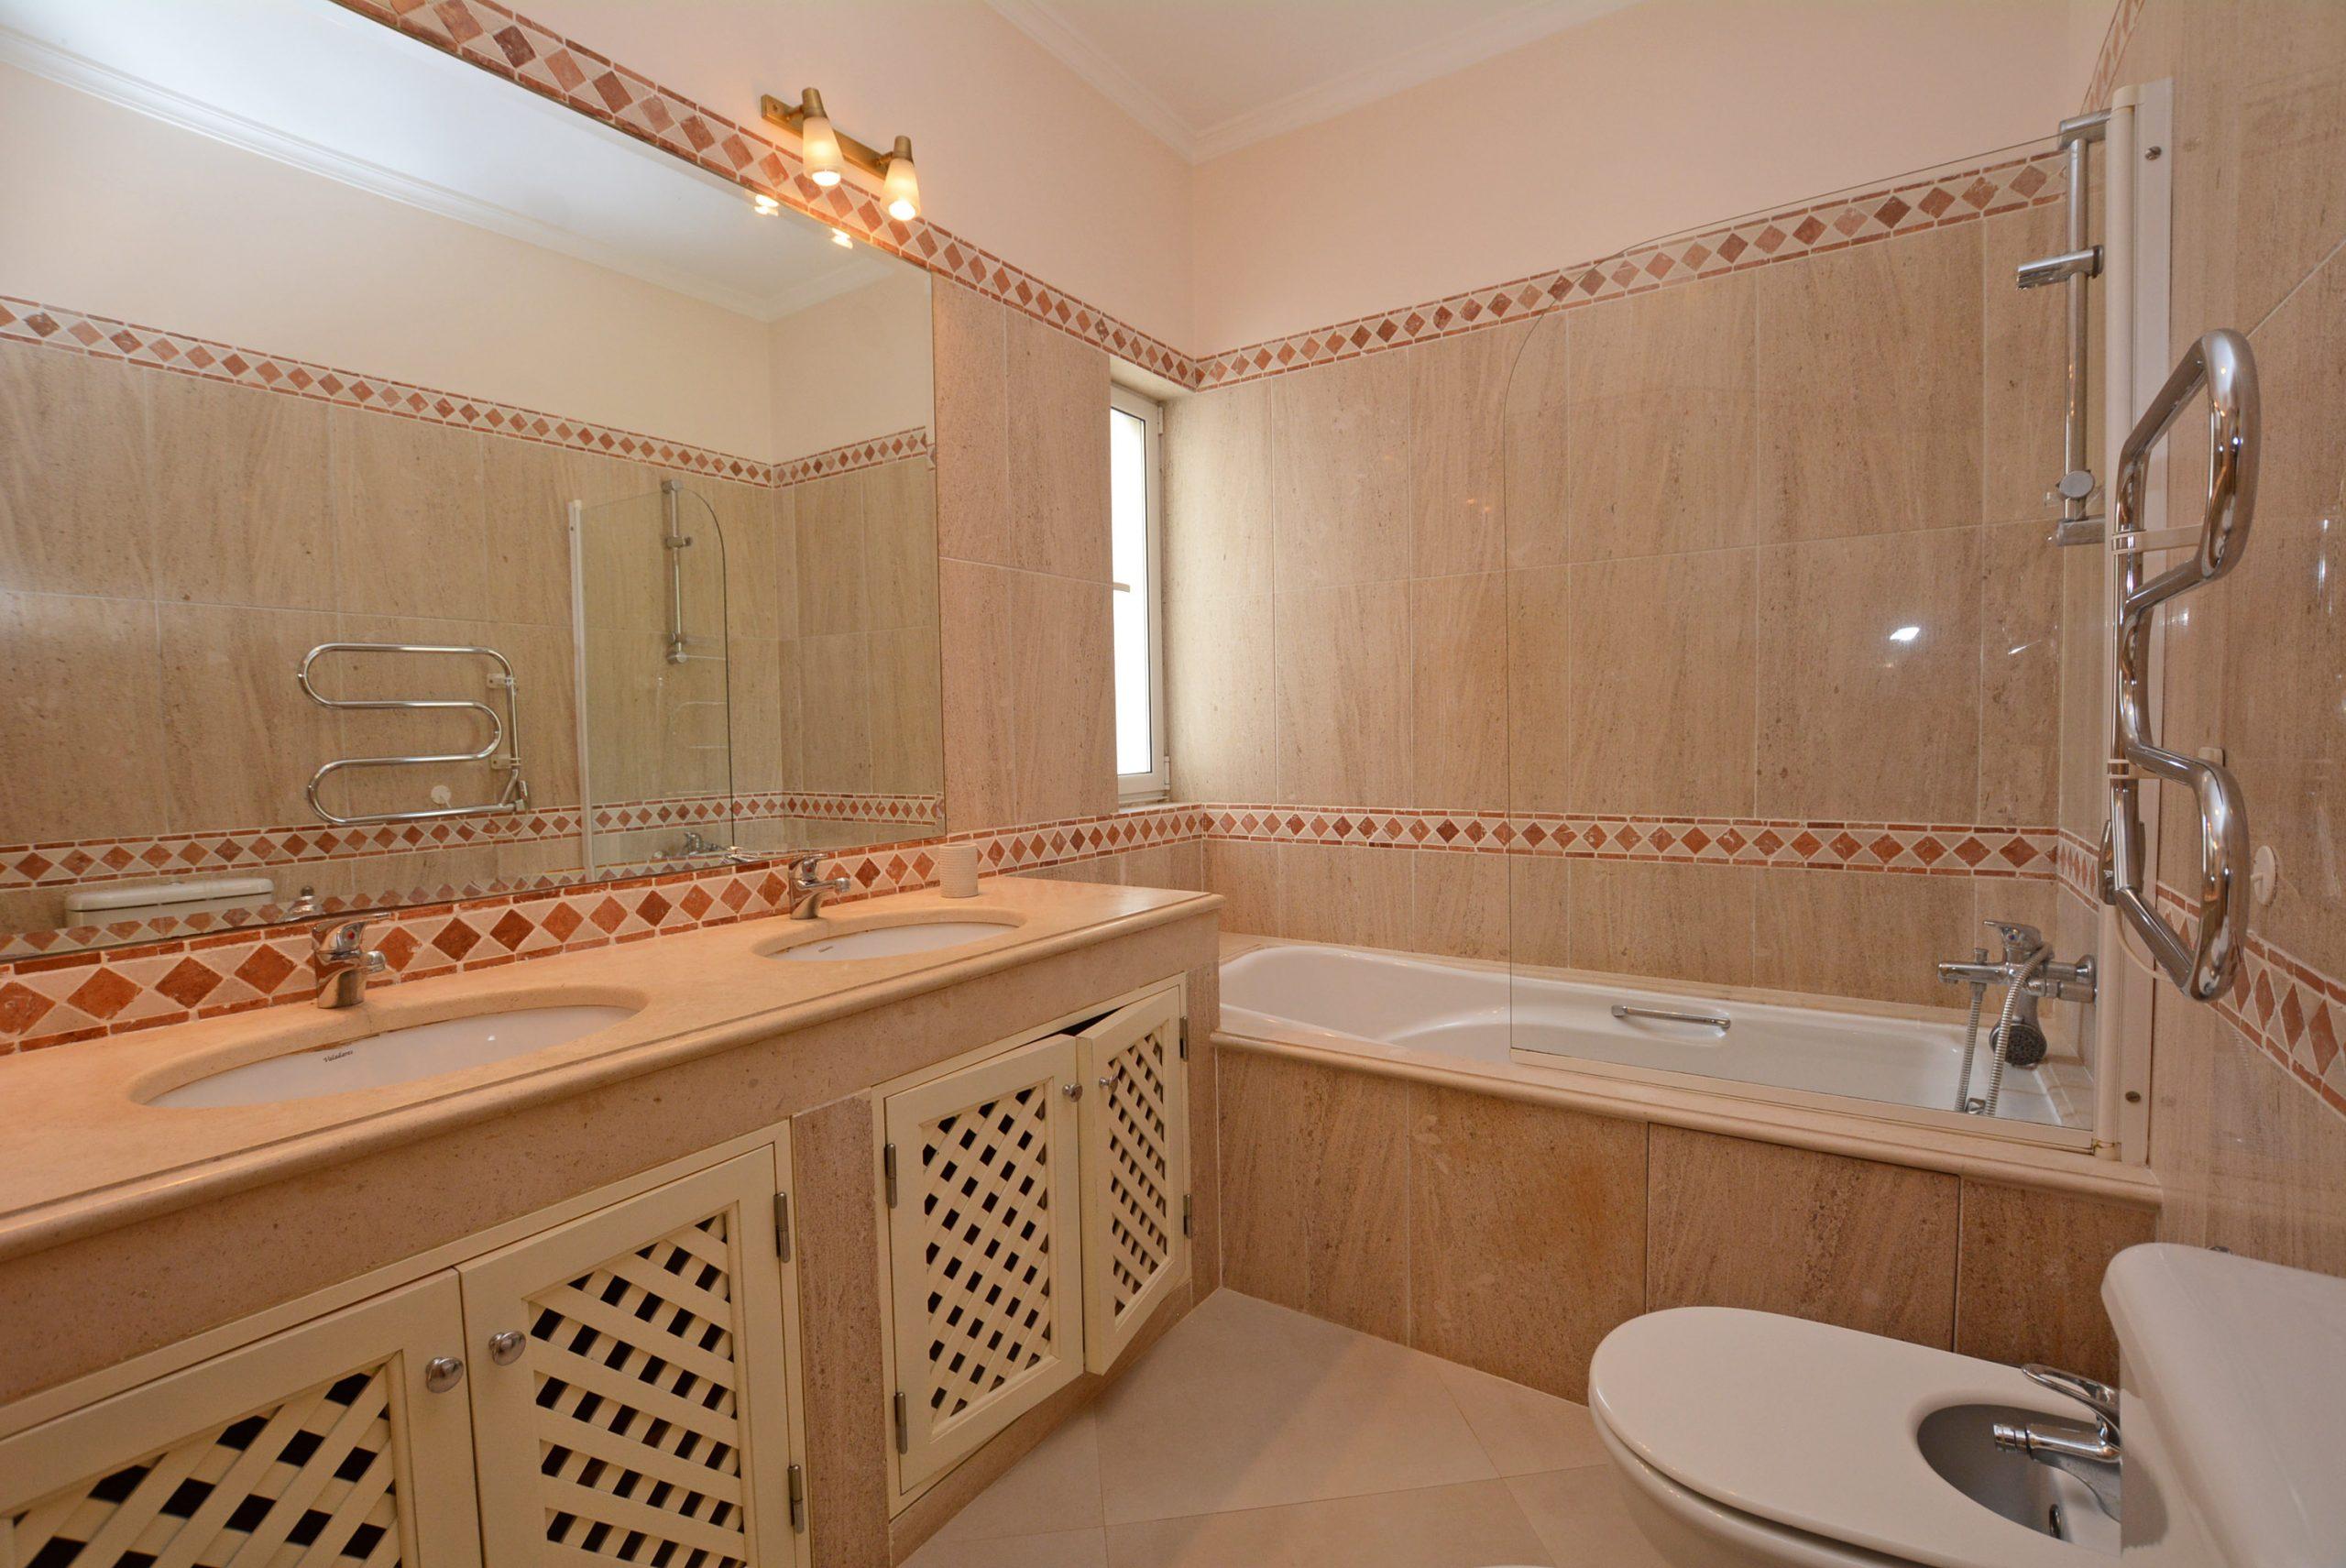 2 Bedroom Apartment for sale in Encosta do Lago, Quinta do Lago (12)